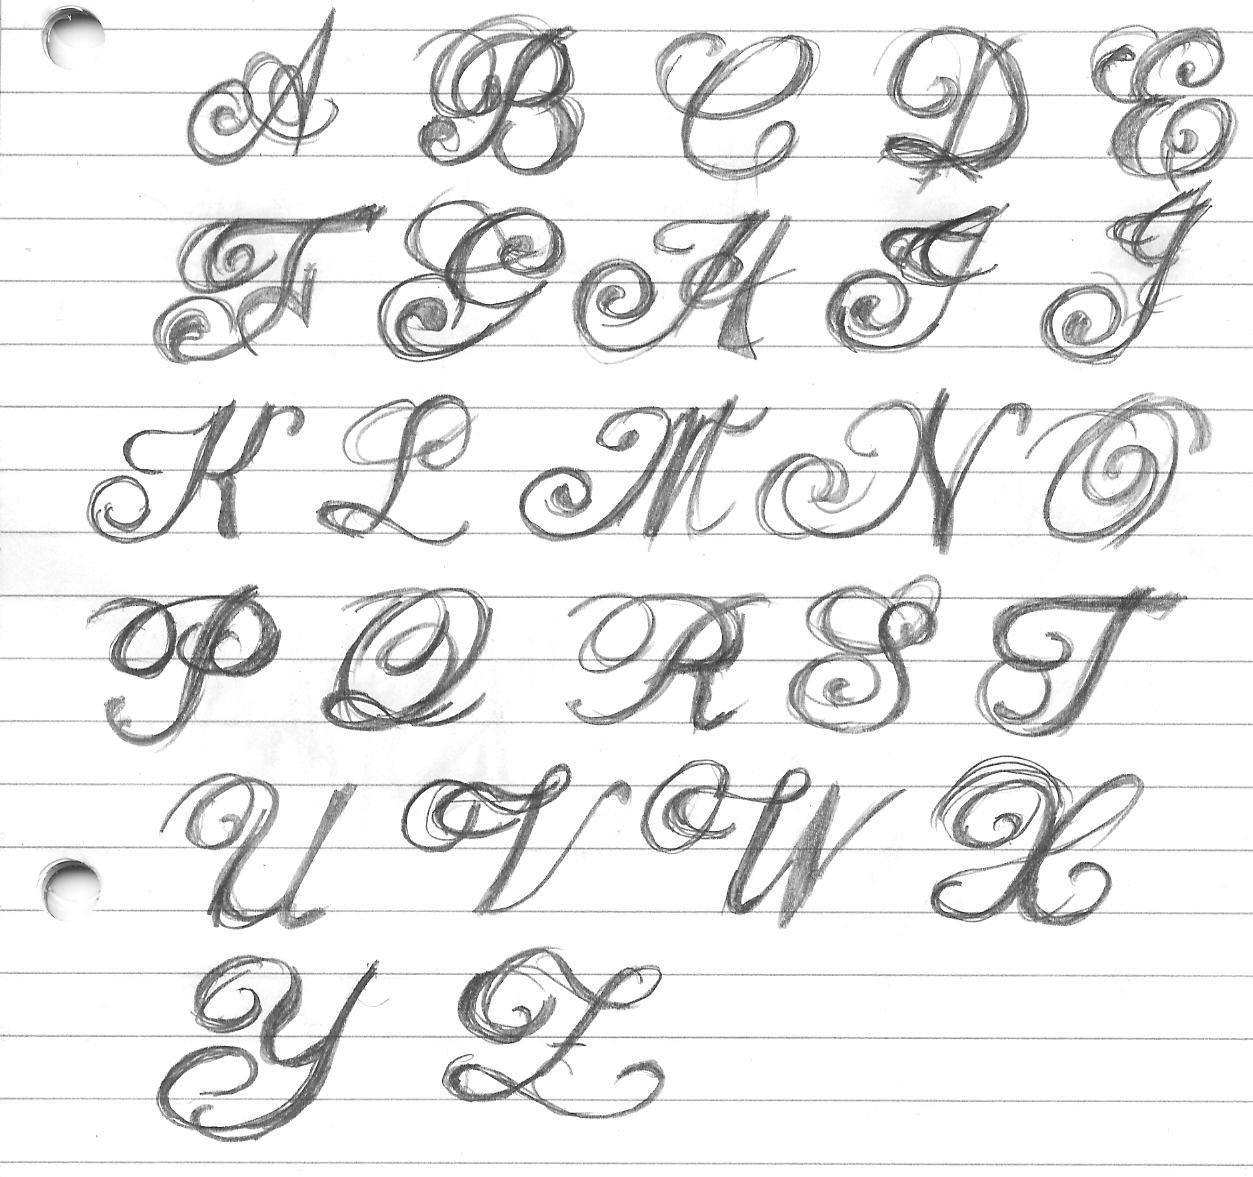 Tattoo fonts alphabet tattoo fonts 317 image gallery 437 cute tattoo fonts alphabet tattoo fonts 317 image gallery 437 cute tattoo design thecheapjerseys Images